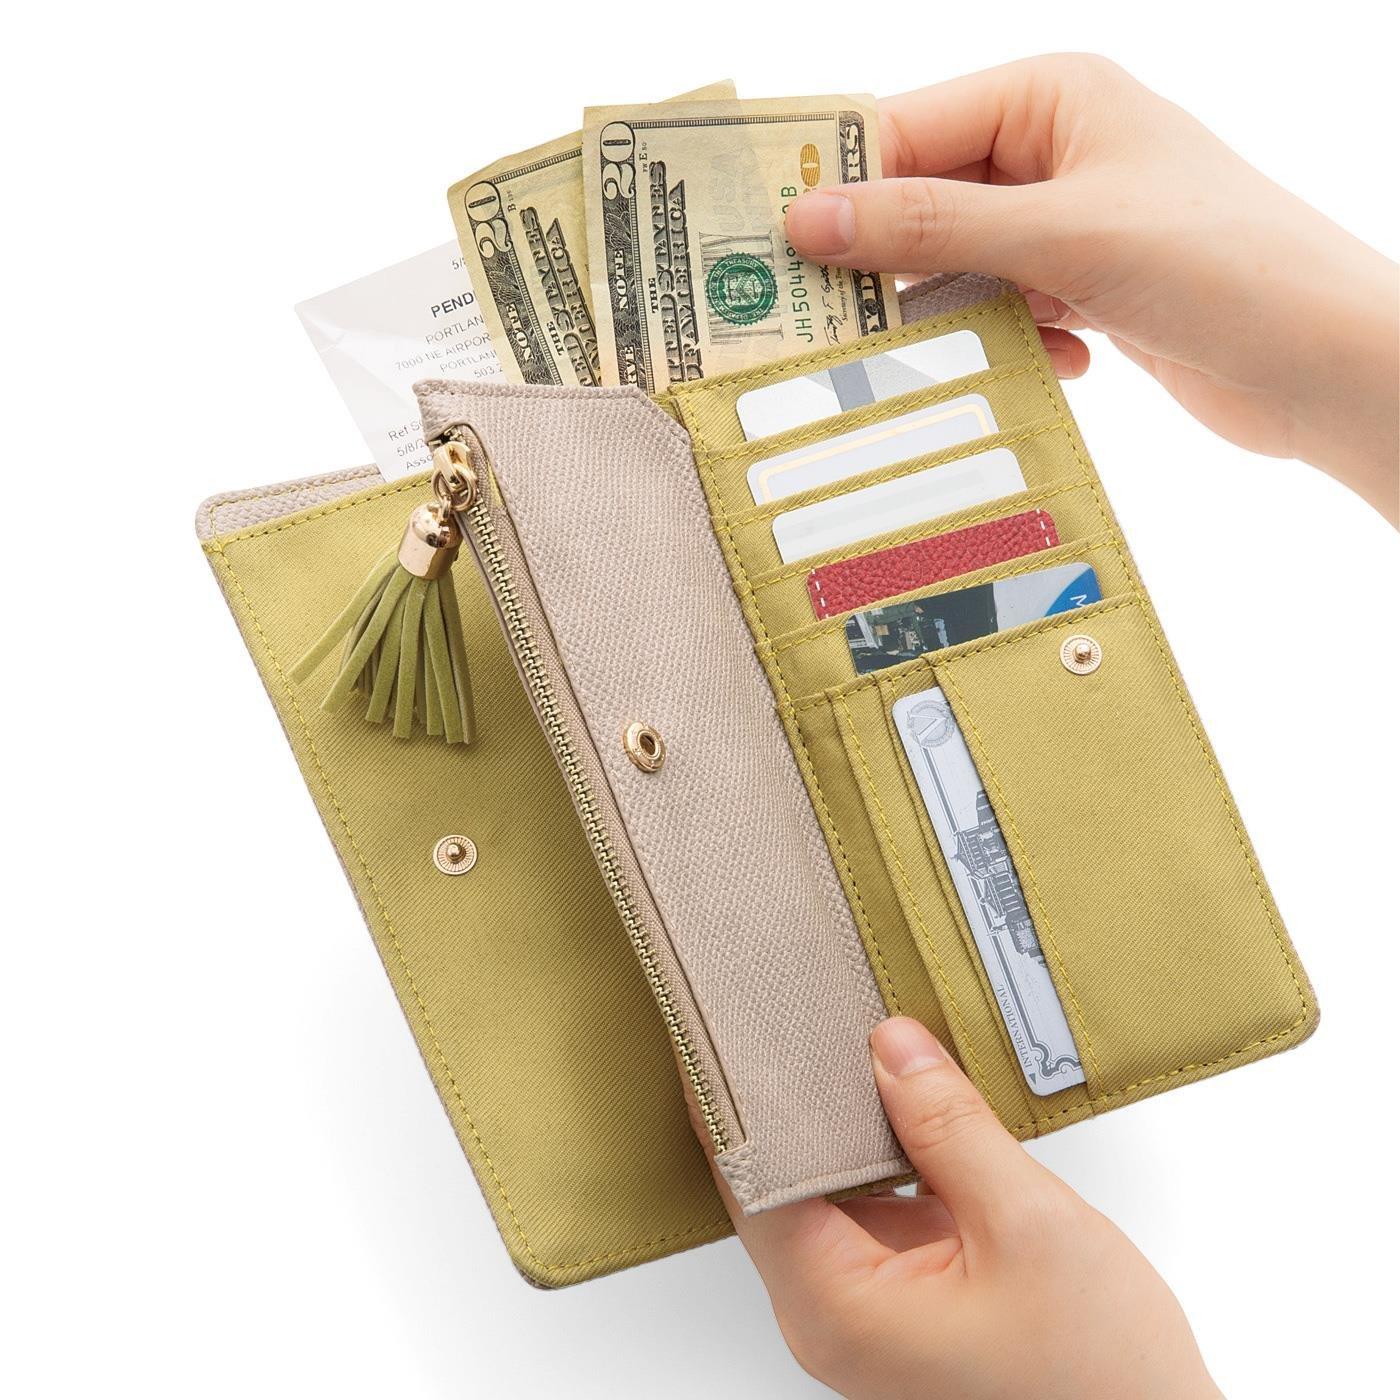 縦入れだからコンパクトにすっきり収まる 手になじむやわらかシステム長財布の会